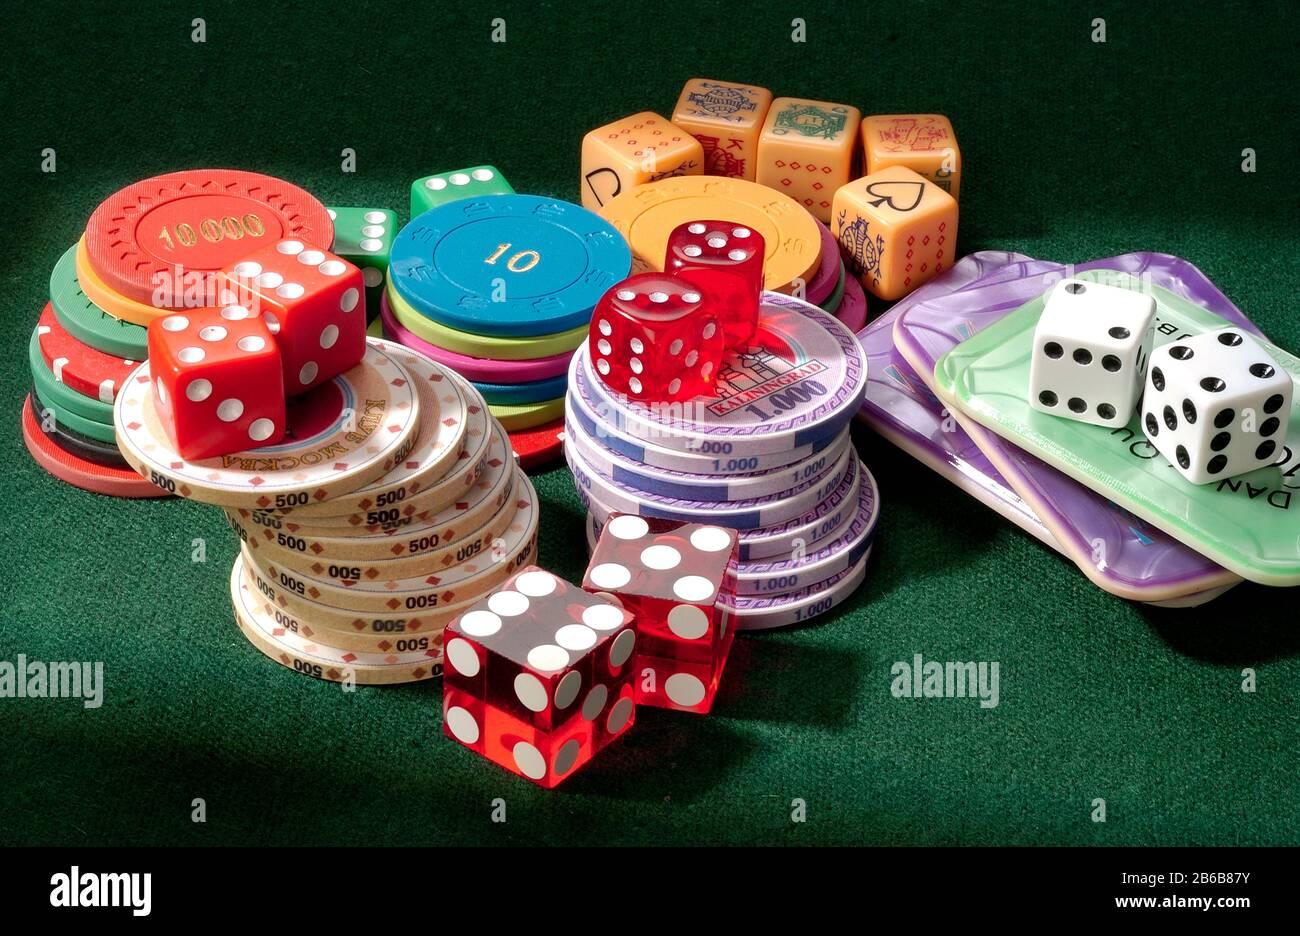 Una raccolta di fiches, contatori, dadi e dadi da poker. Rischio e ricompensa. Foto Stock